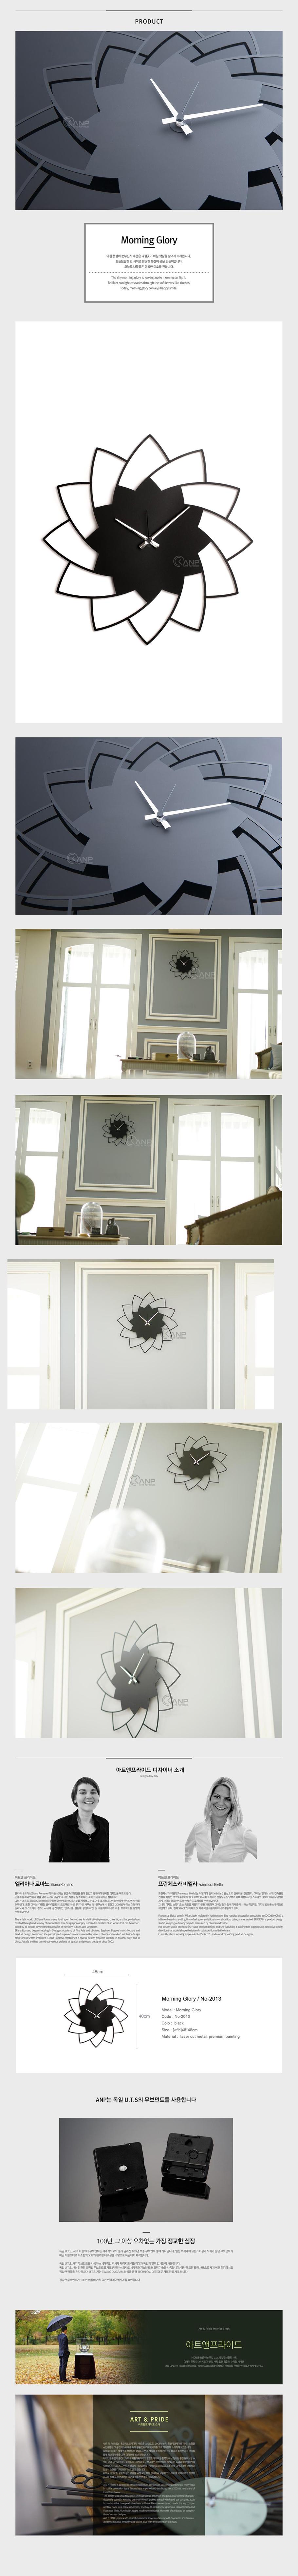 모닝글로리 - 아트앤프라이드, 135,000원, 벽시계, 디자인벽시계